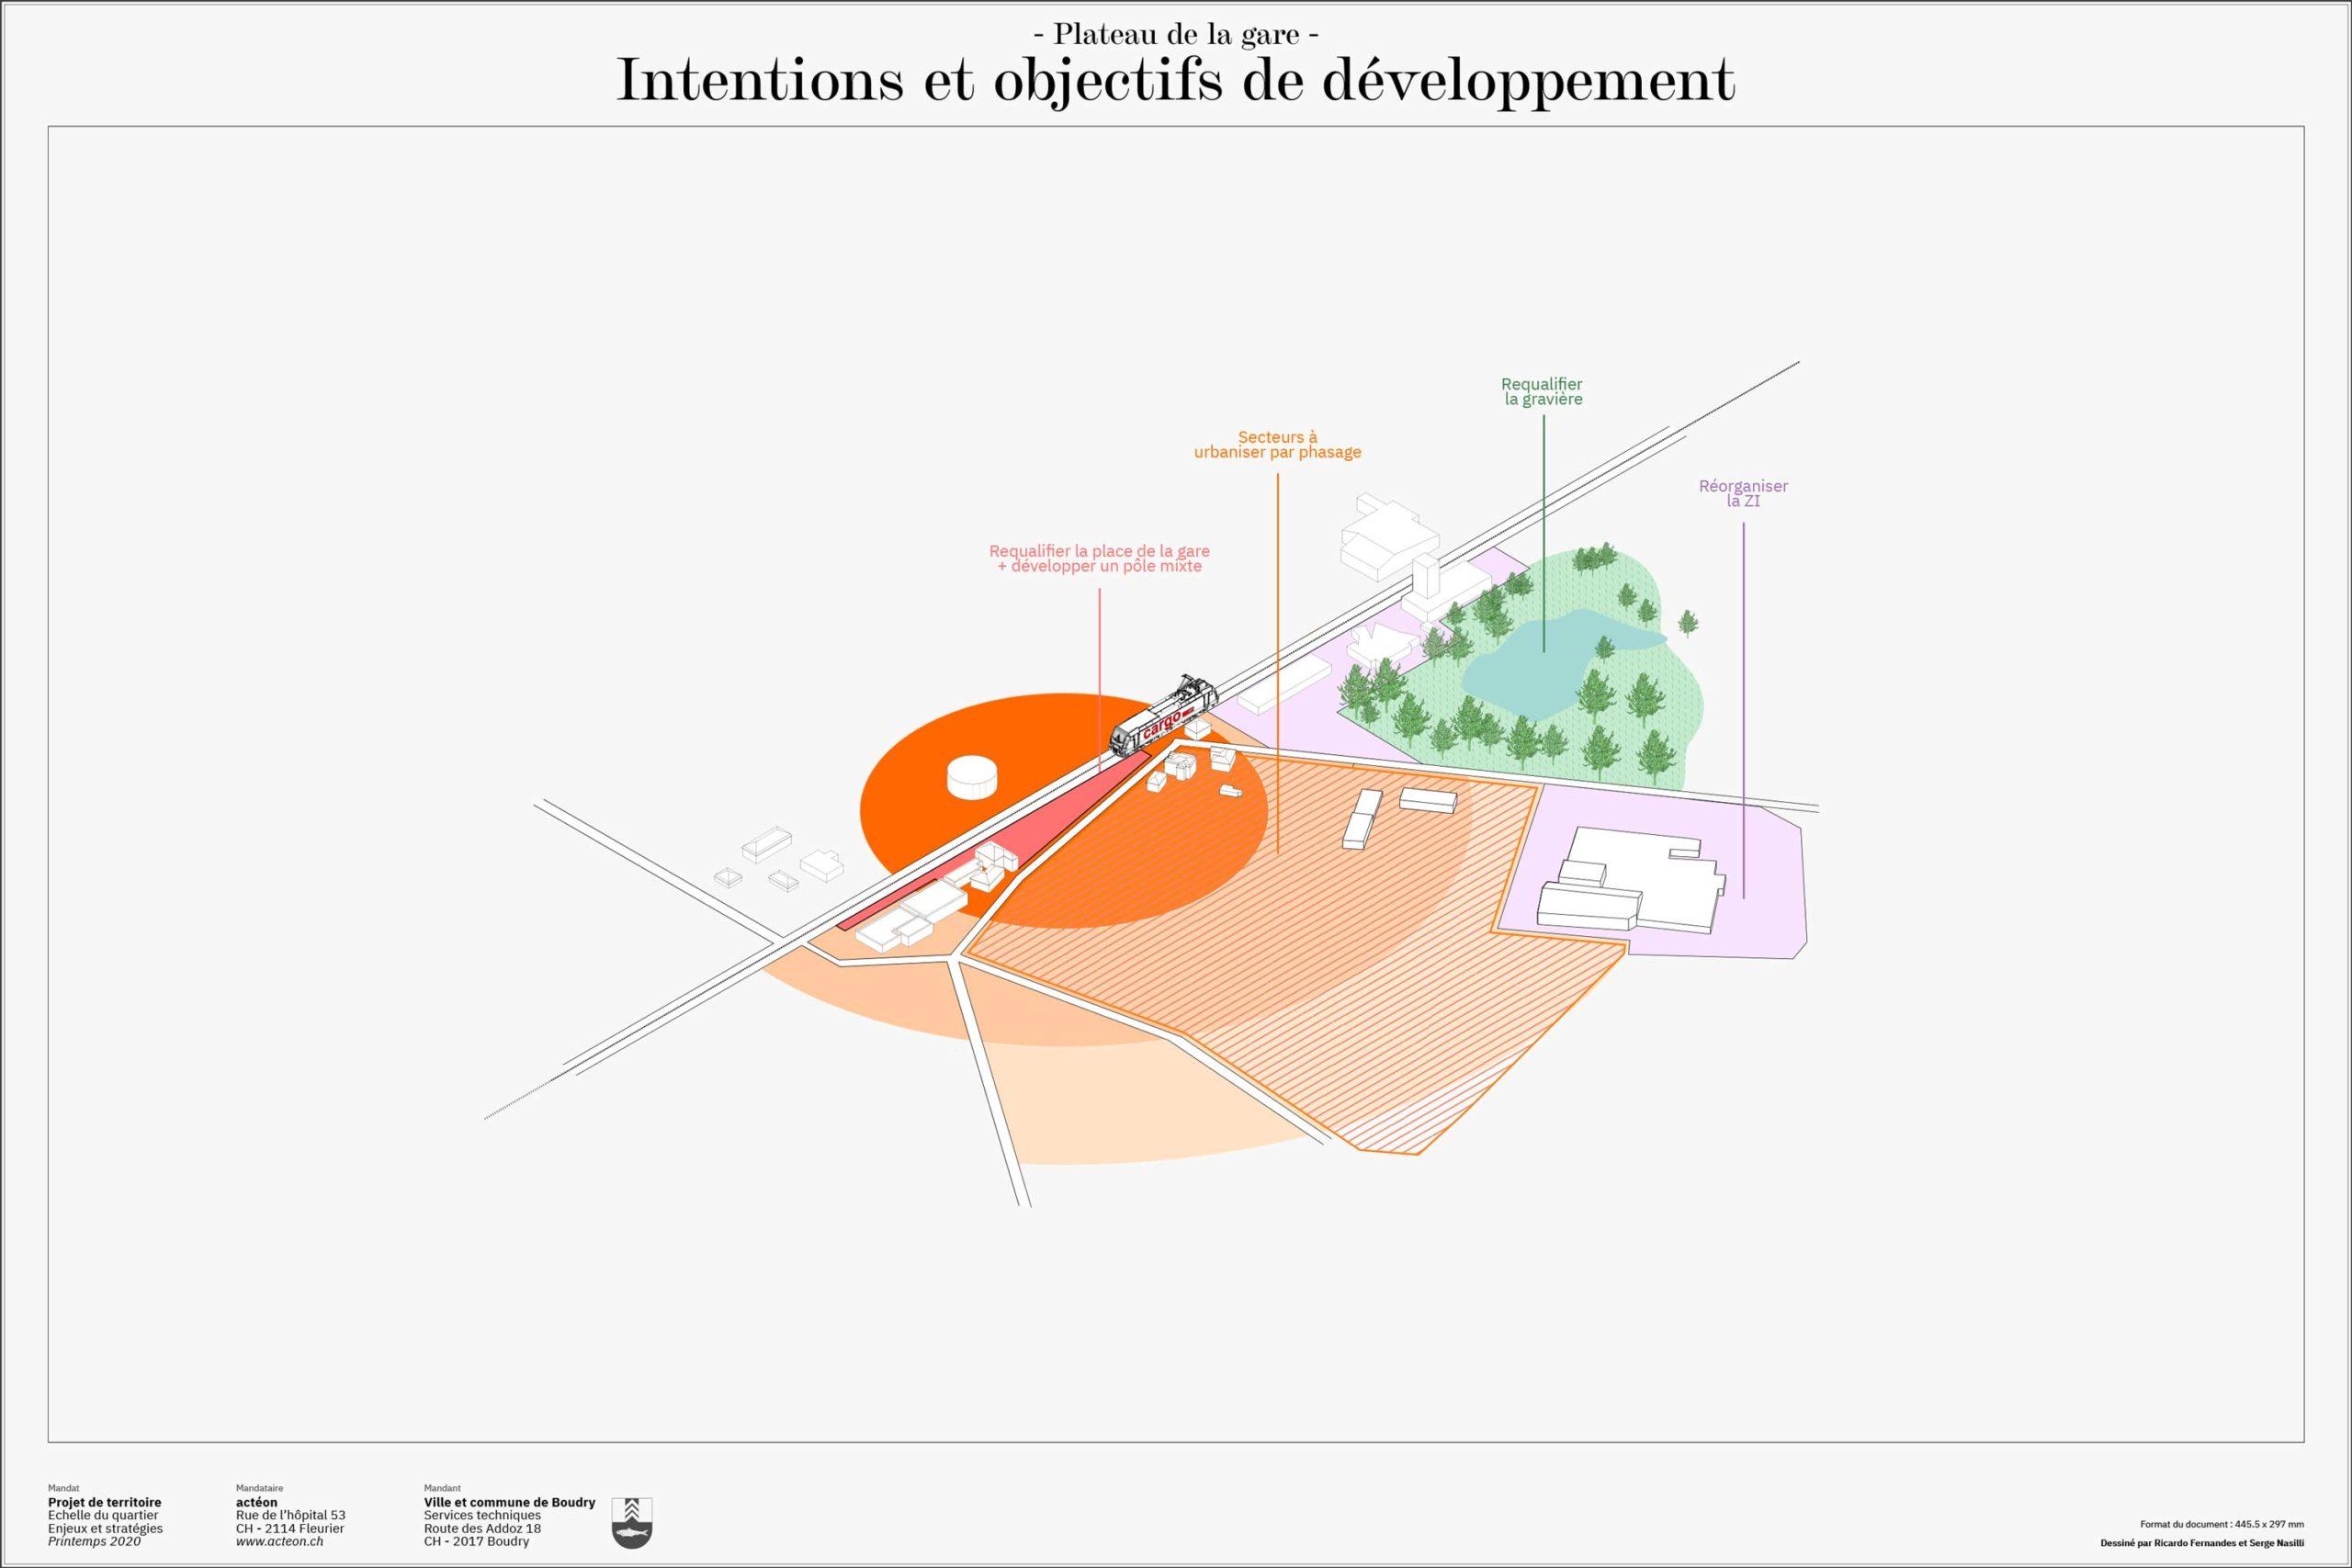 Projet de territoire Boudry urbanisme Neuchâtel actéon